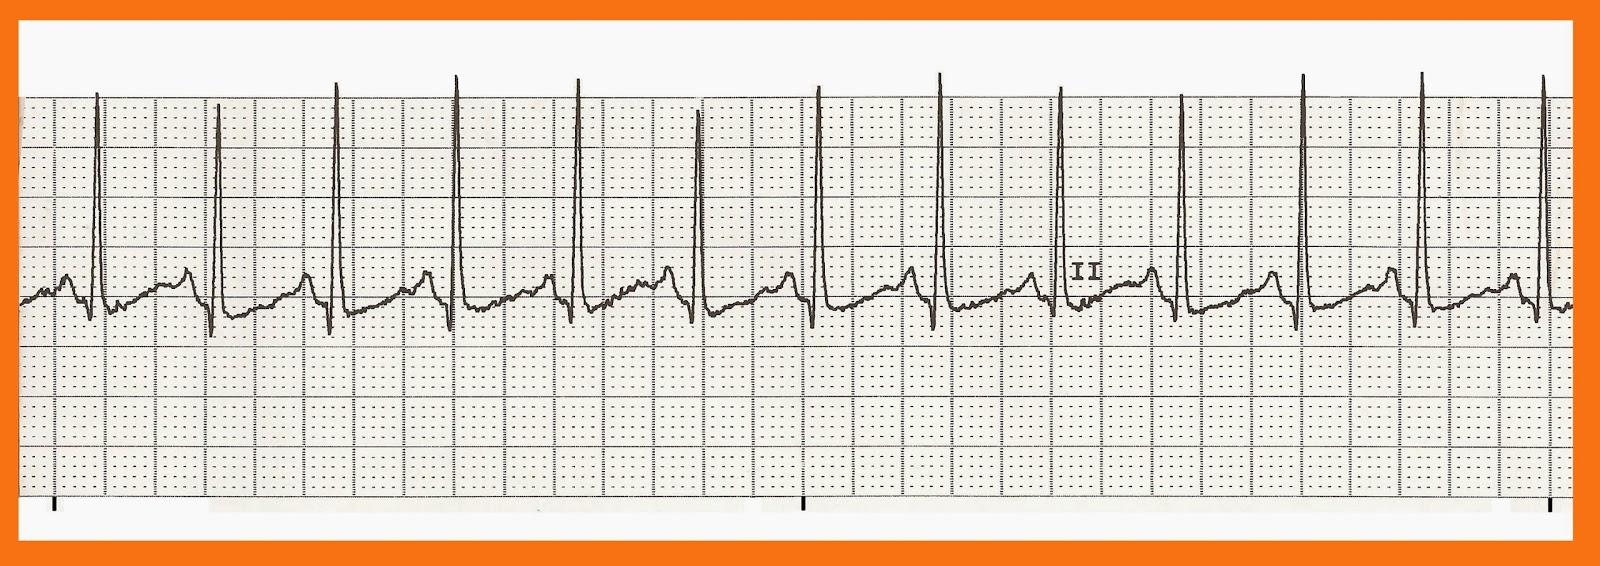 Float Nurse: EKG Rhythm Strip Quiz 195 Ventricular Tachycardia Rhythm Strip